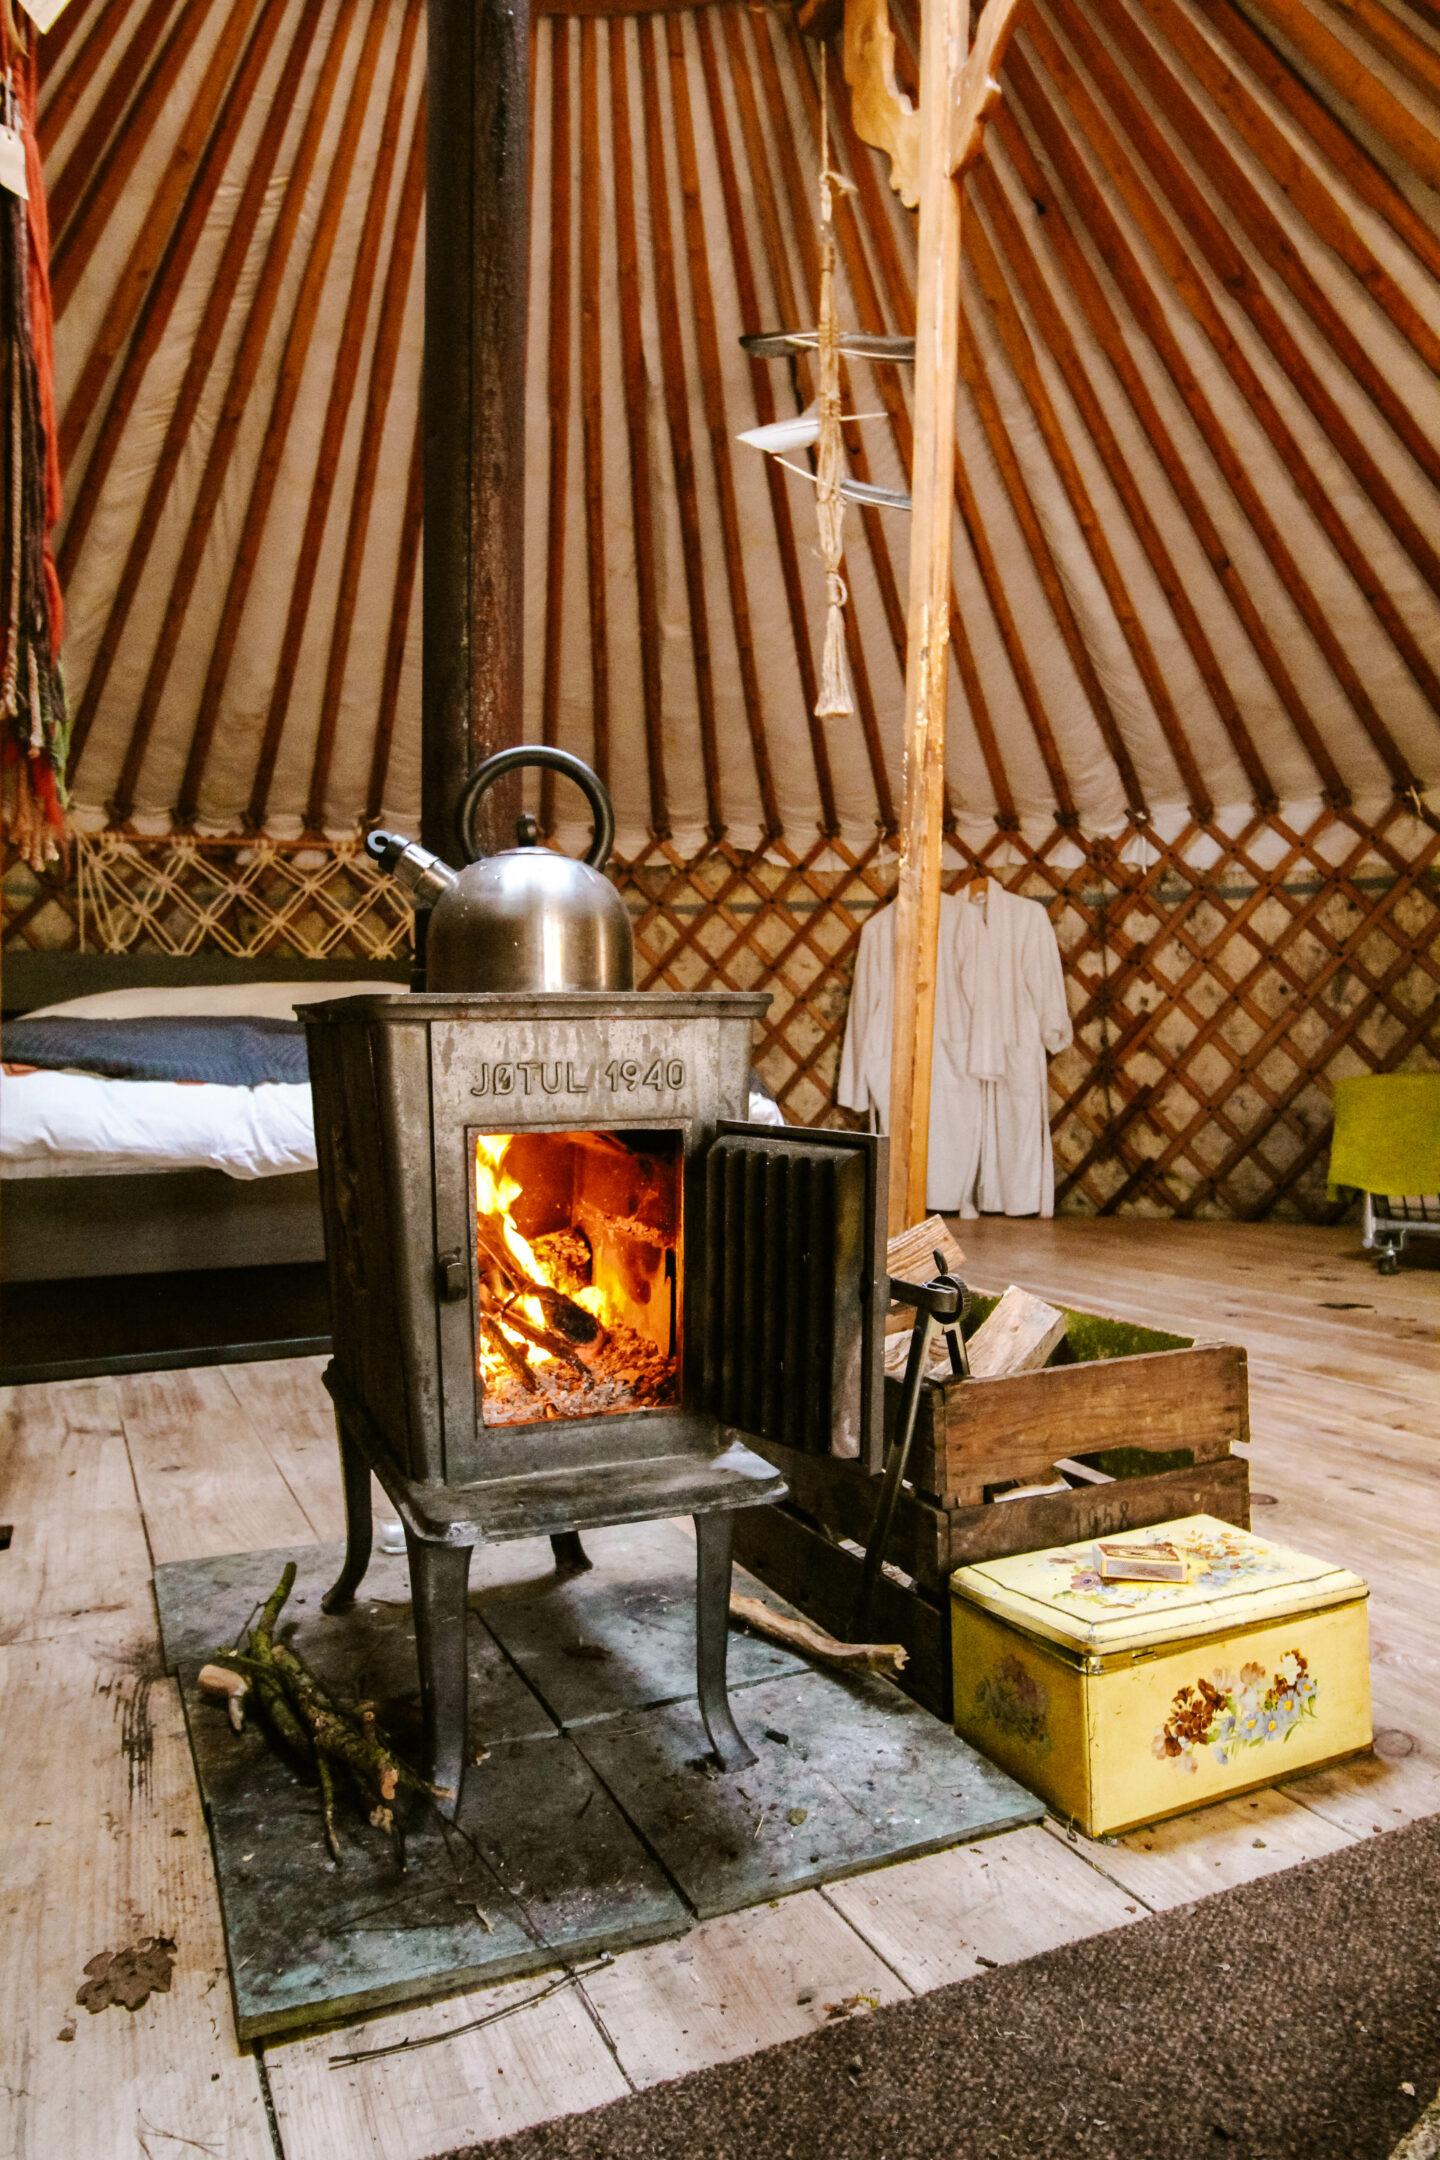 slapen in een yurt in renkum met houtkachel